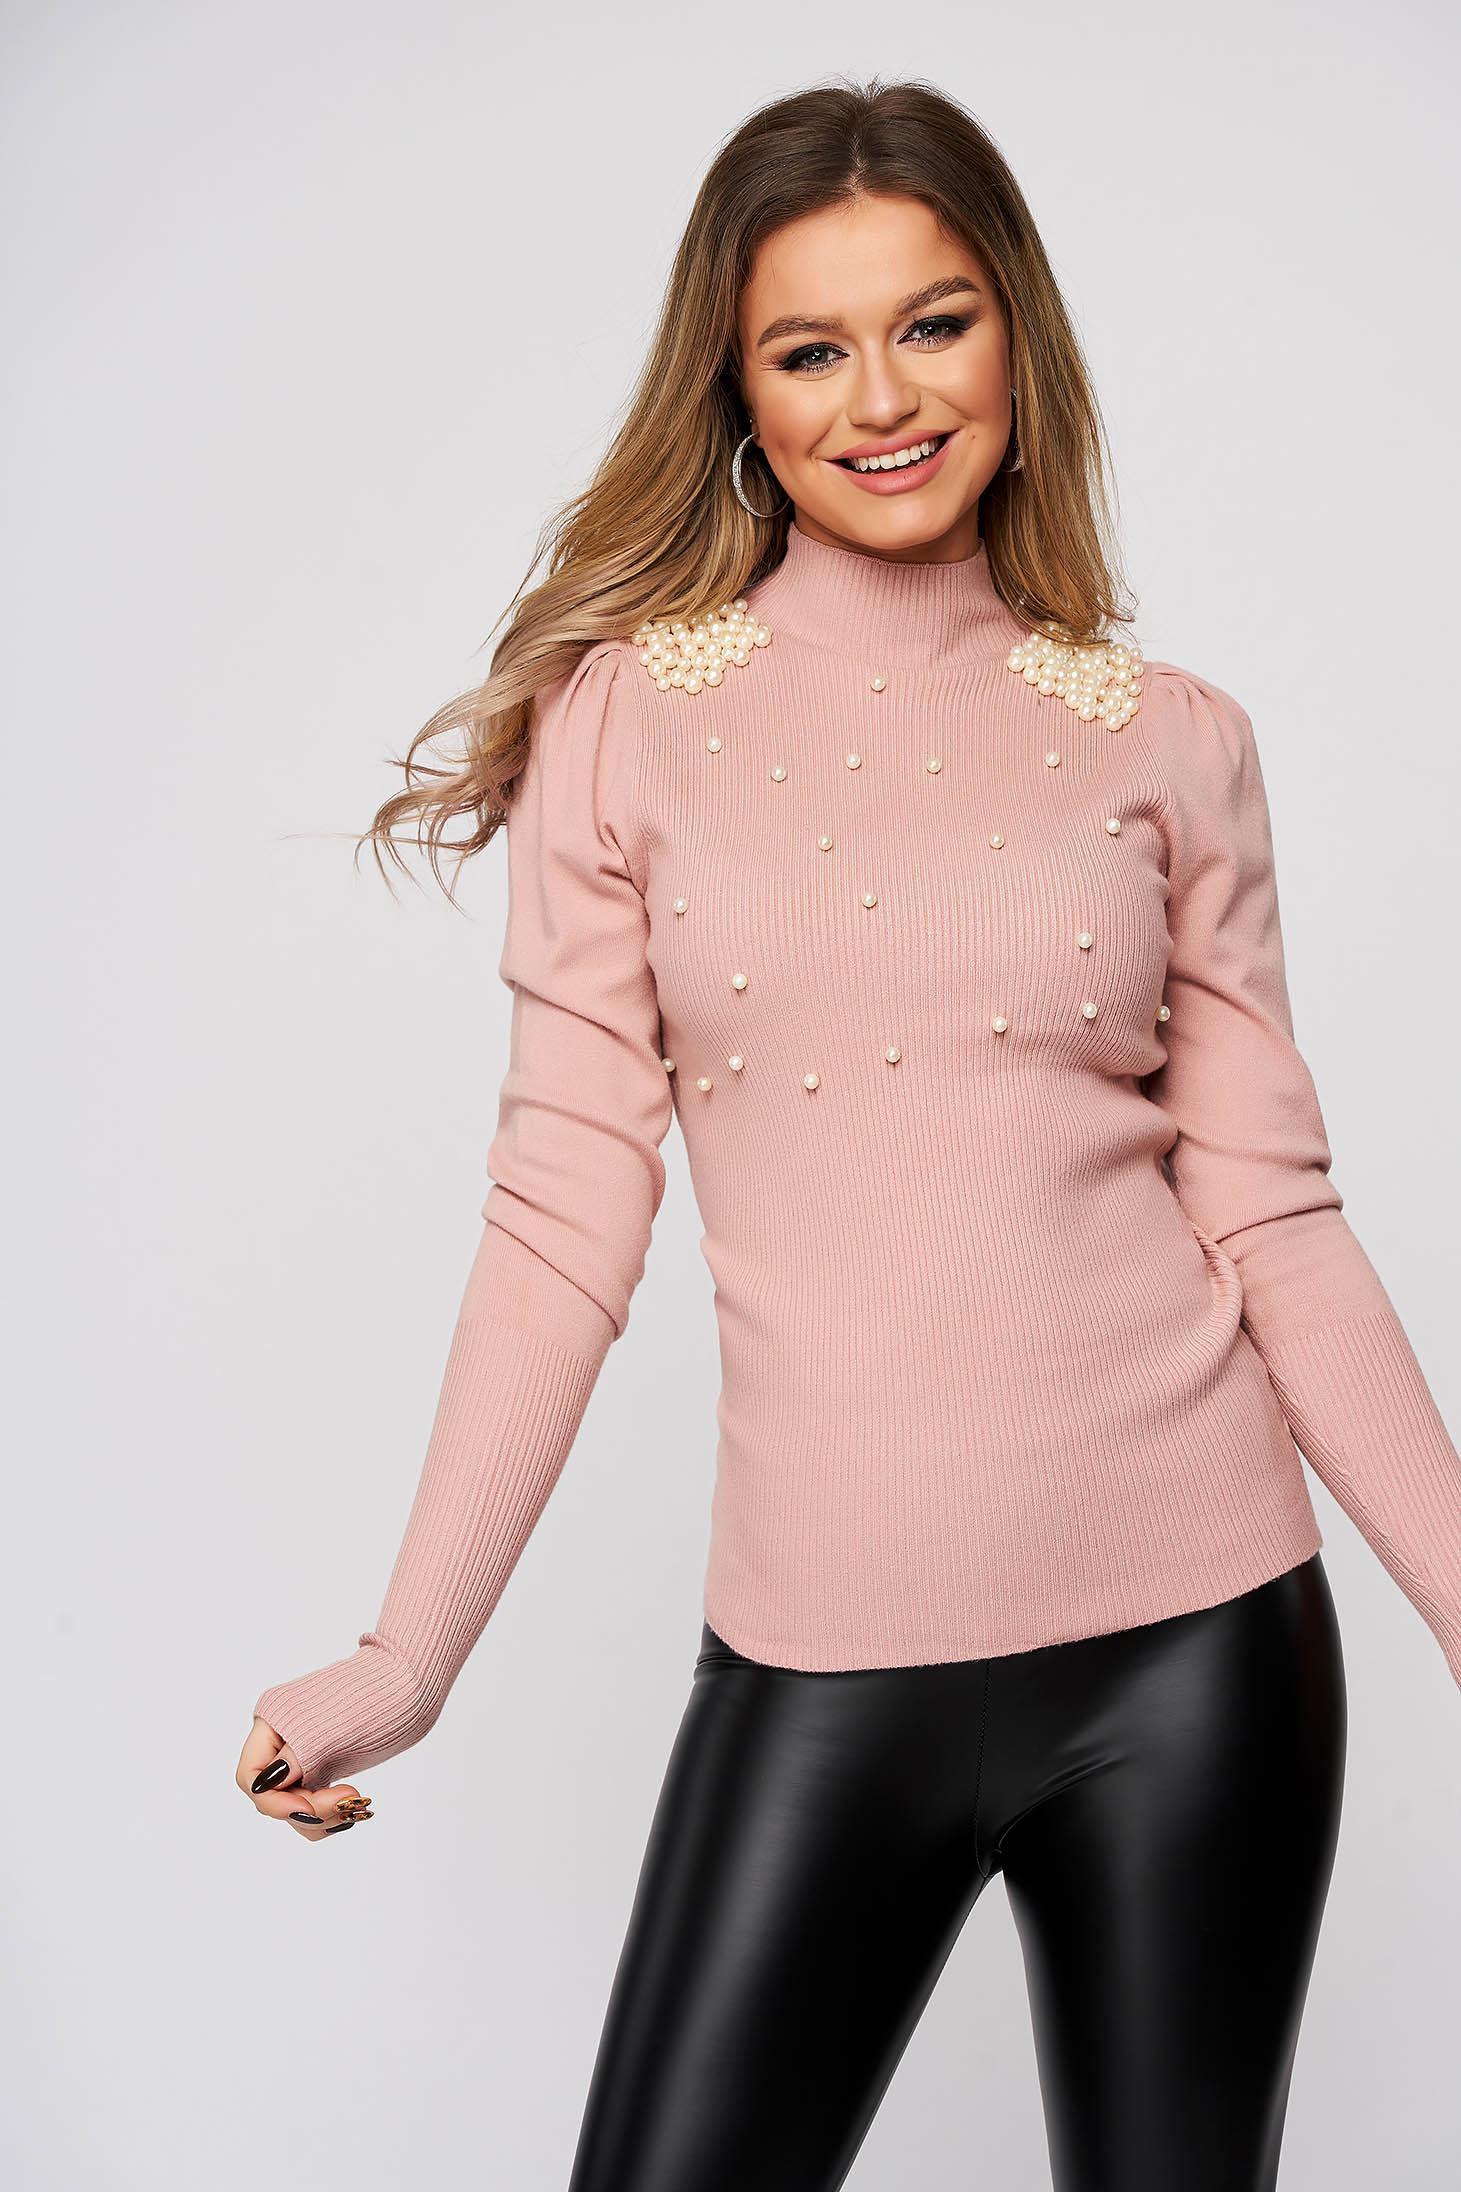 Púder rózsaszínű rugalmas és finom anyagból készült magas nyakú csíkozott anyag szűk szabású pulóver gyöngy díszítéssel